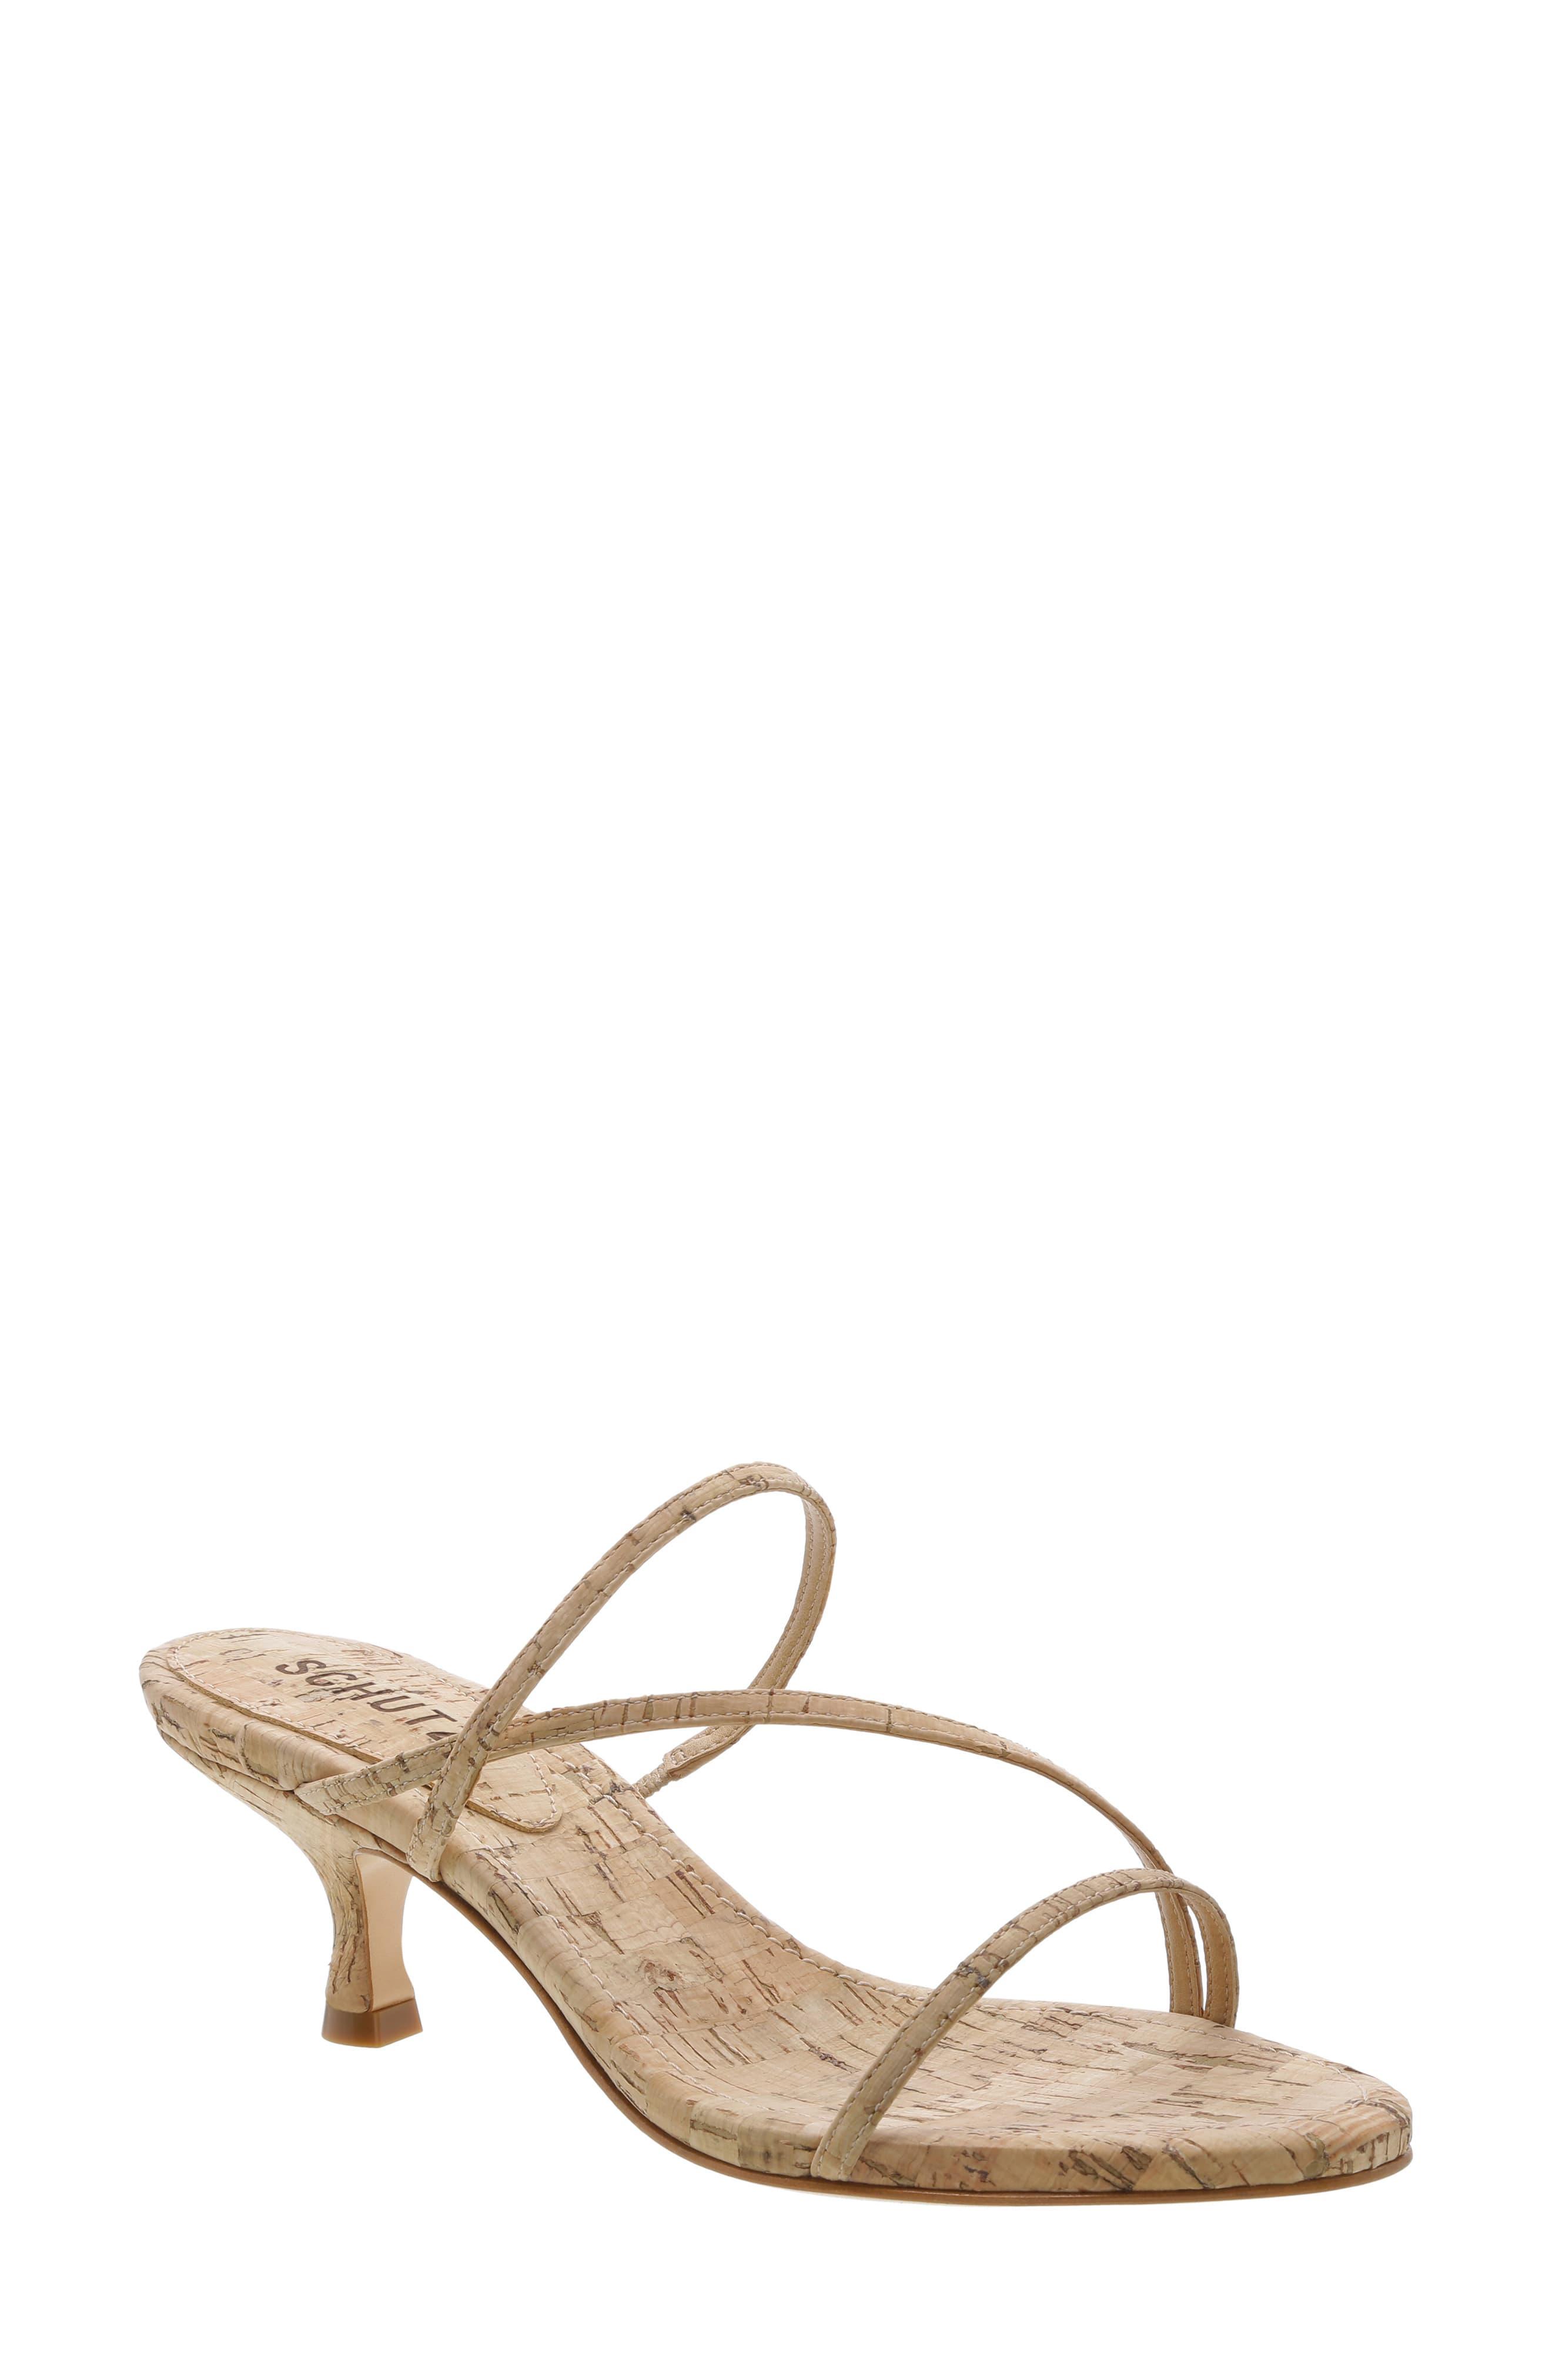 Women S Schutz Evenise Slide Sandal Size 8 M Pink Kitten Heel Sandals Slide Sandals Embellished Sandals